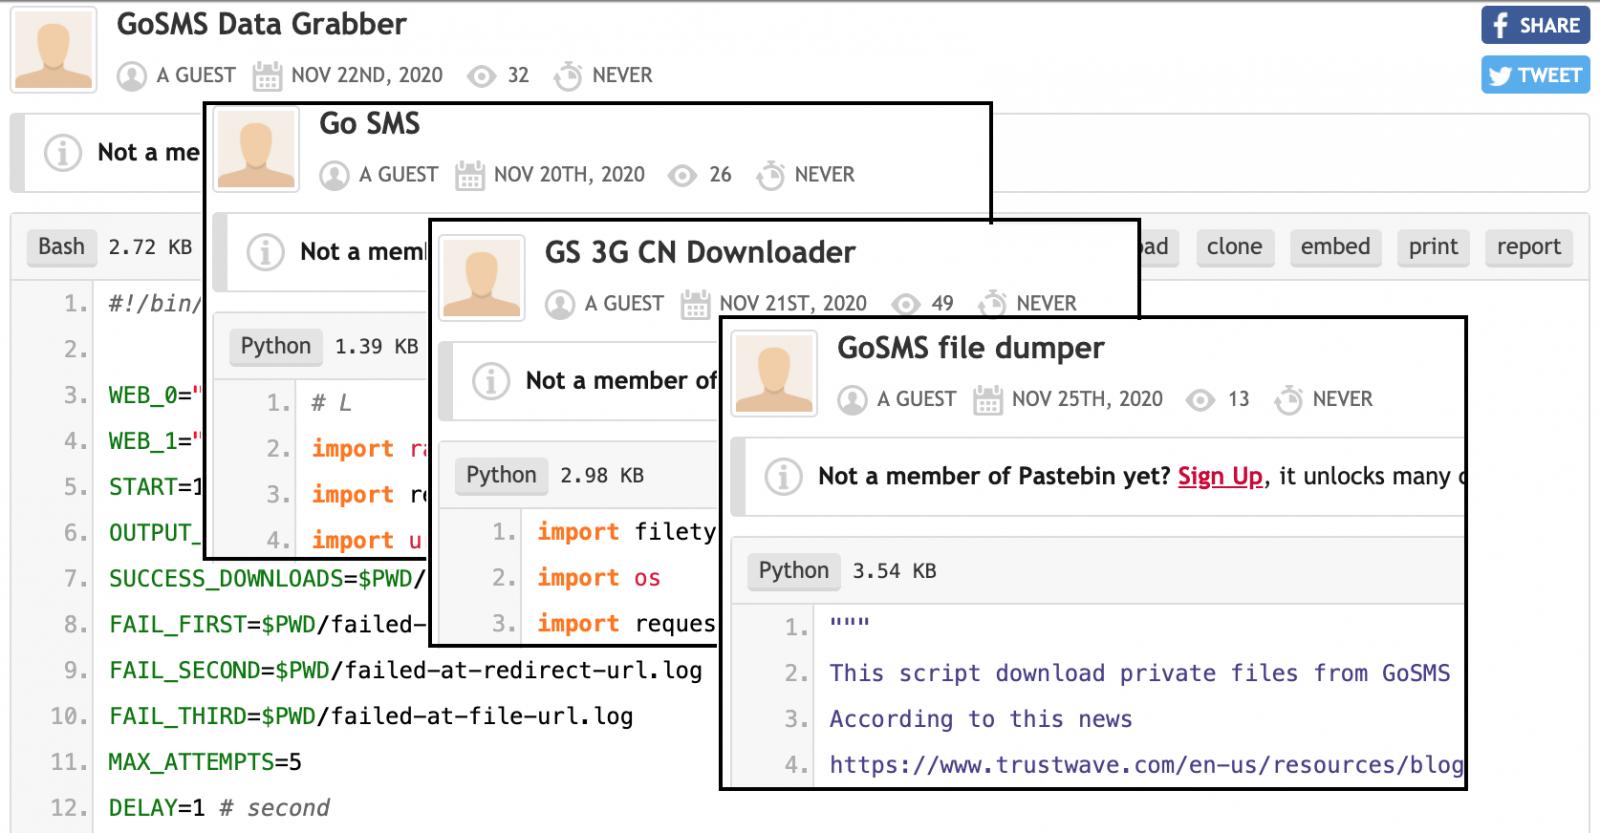 Scripts de explotación de GO SMS Pro